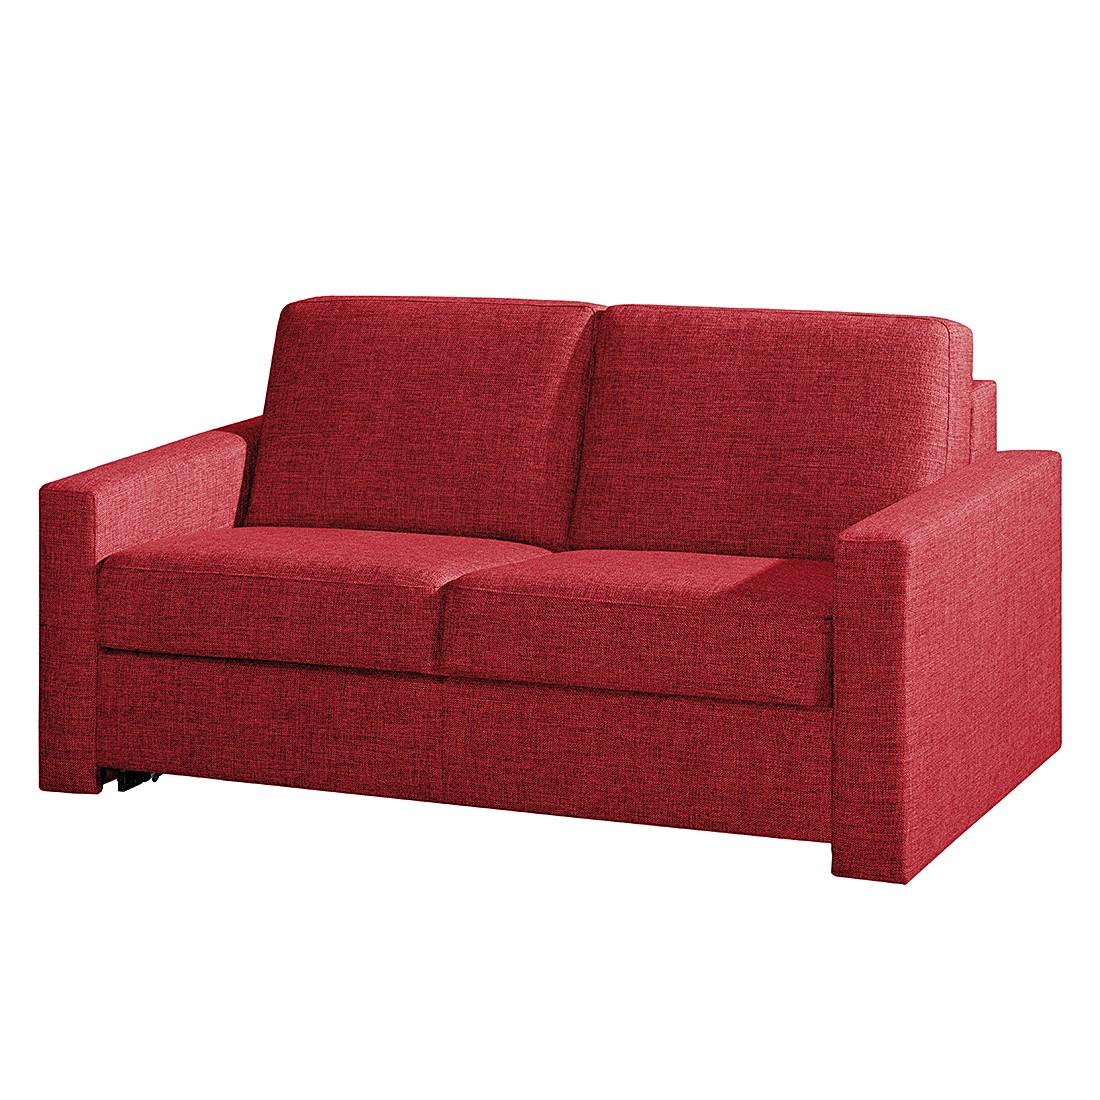 Canapé convertible Louis - Tissu rouge - 150 x 200 cm, loftscape